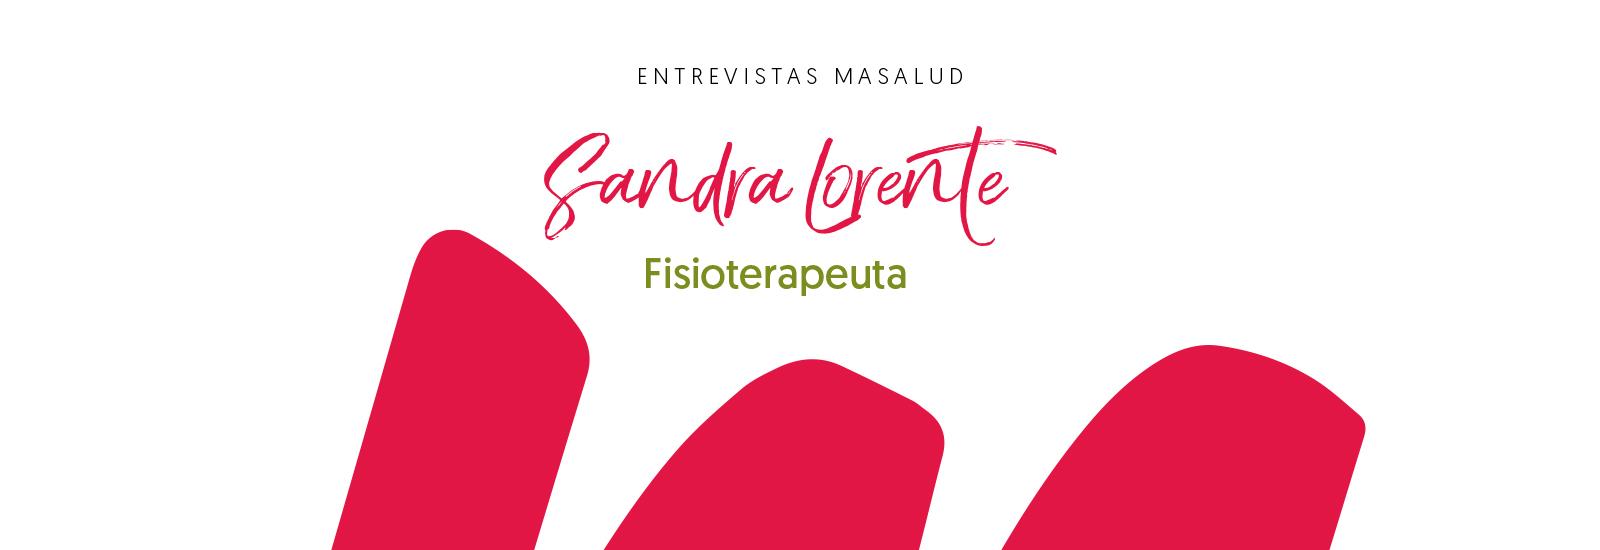 Más Masalud, Sandra Lorente Fisioterapeuta